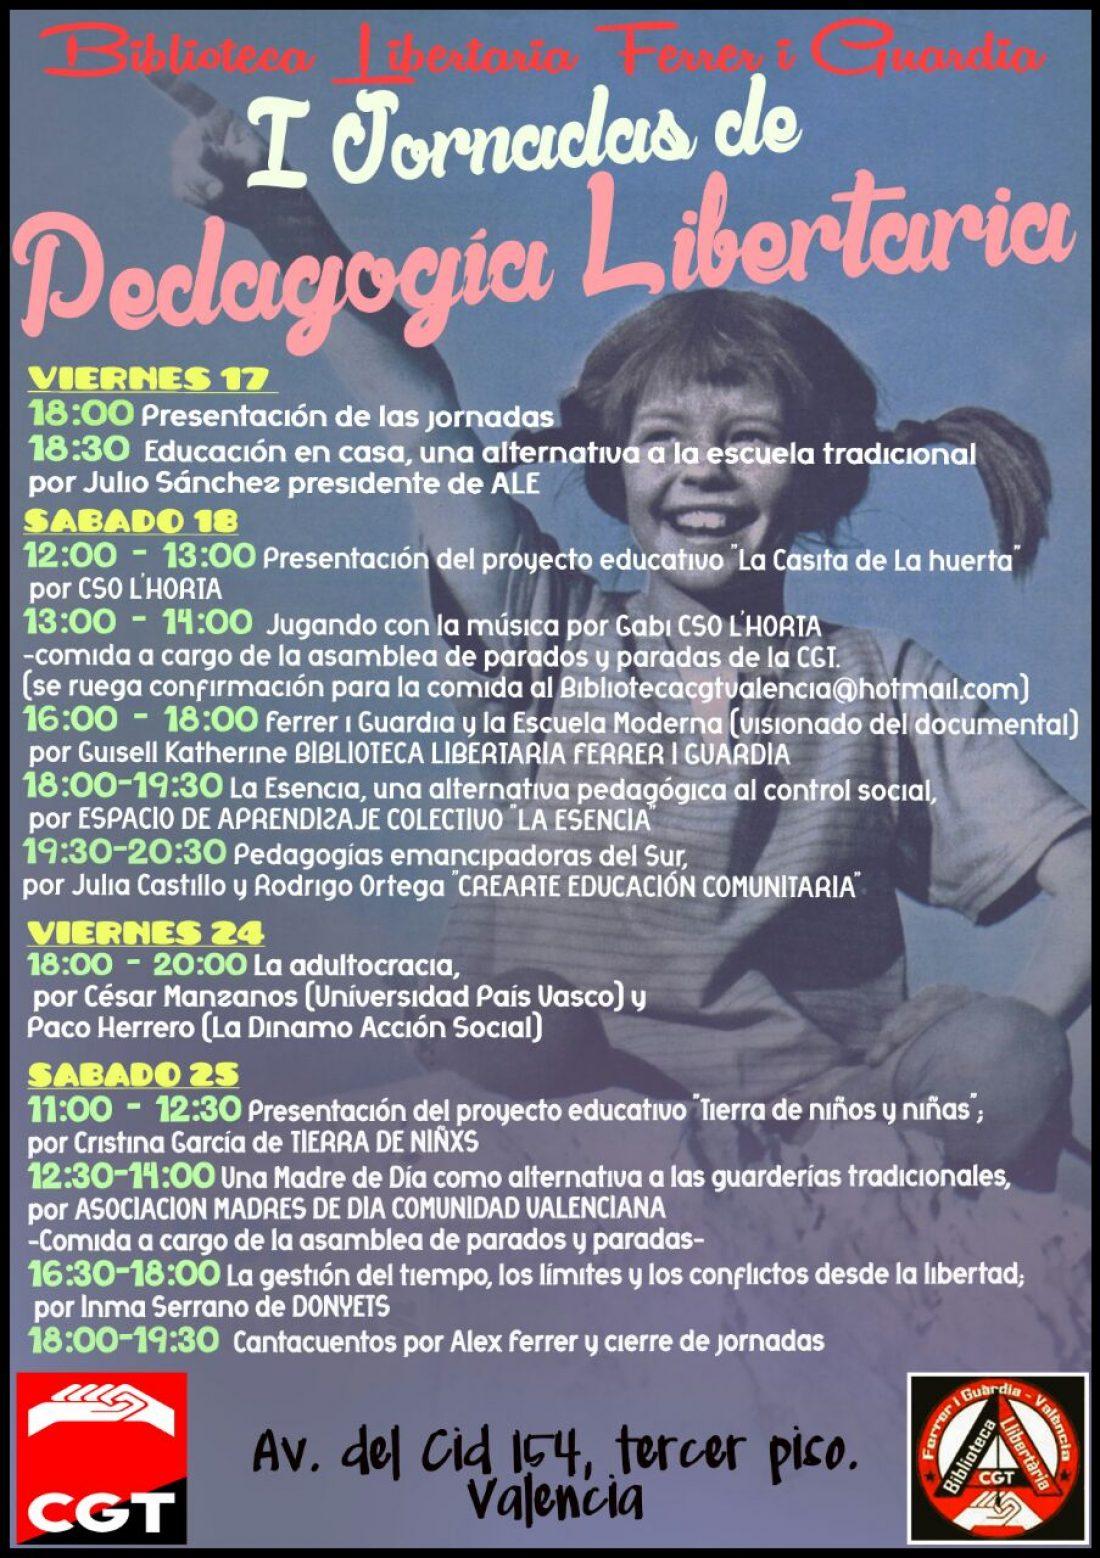 Primeras Jornadas de Pedagogia Libertaria de la CGT en Valencia